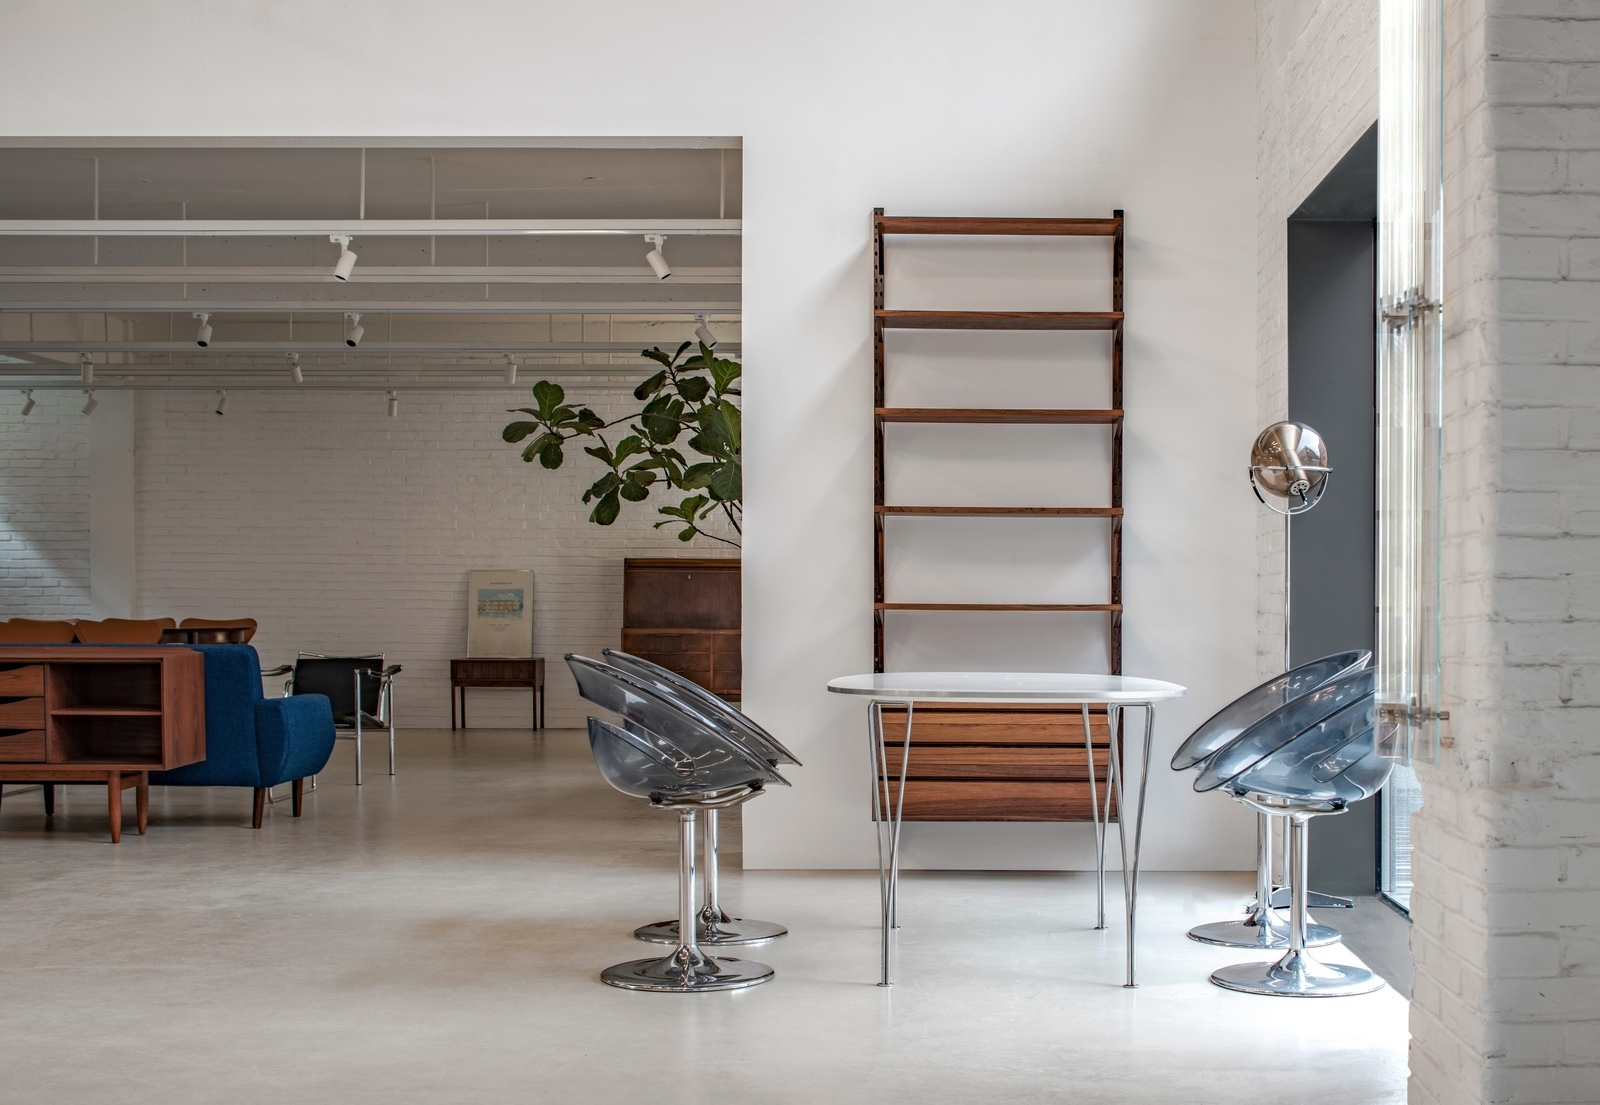 「AtelierTing」 Renovación del espacio de estilo de vida vintage 19